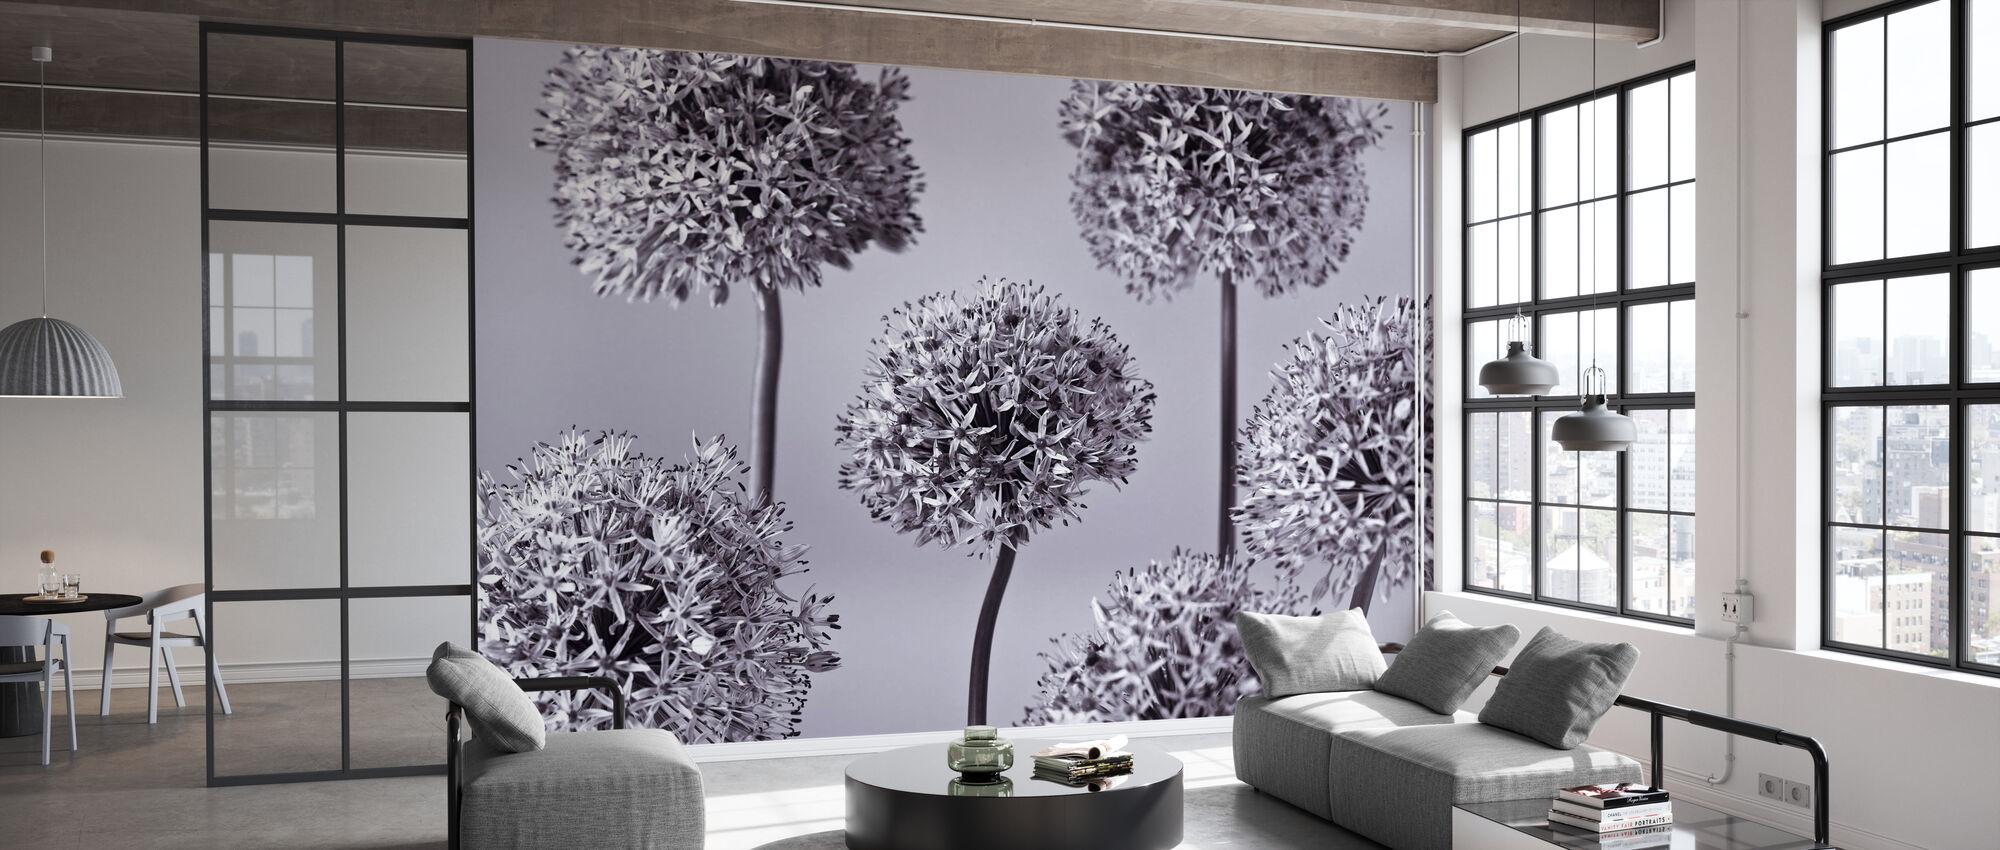 Alliums - Papier peint - Bureau